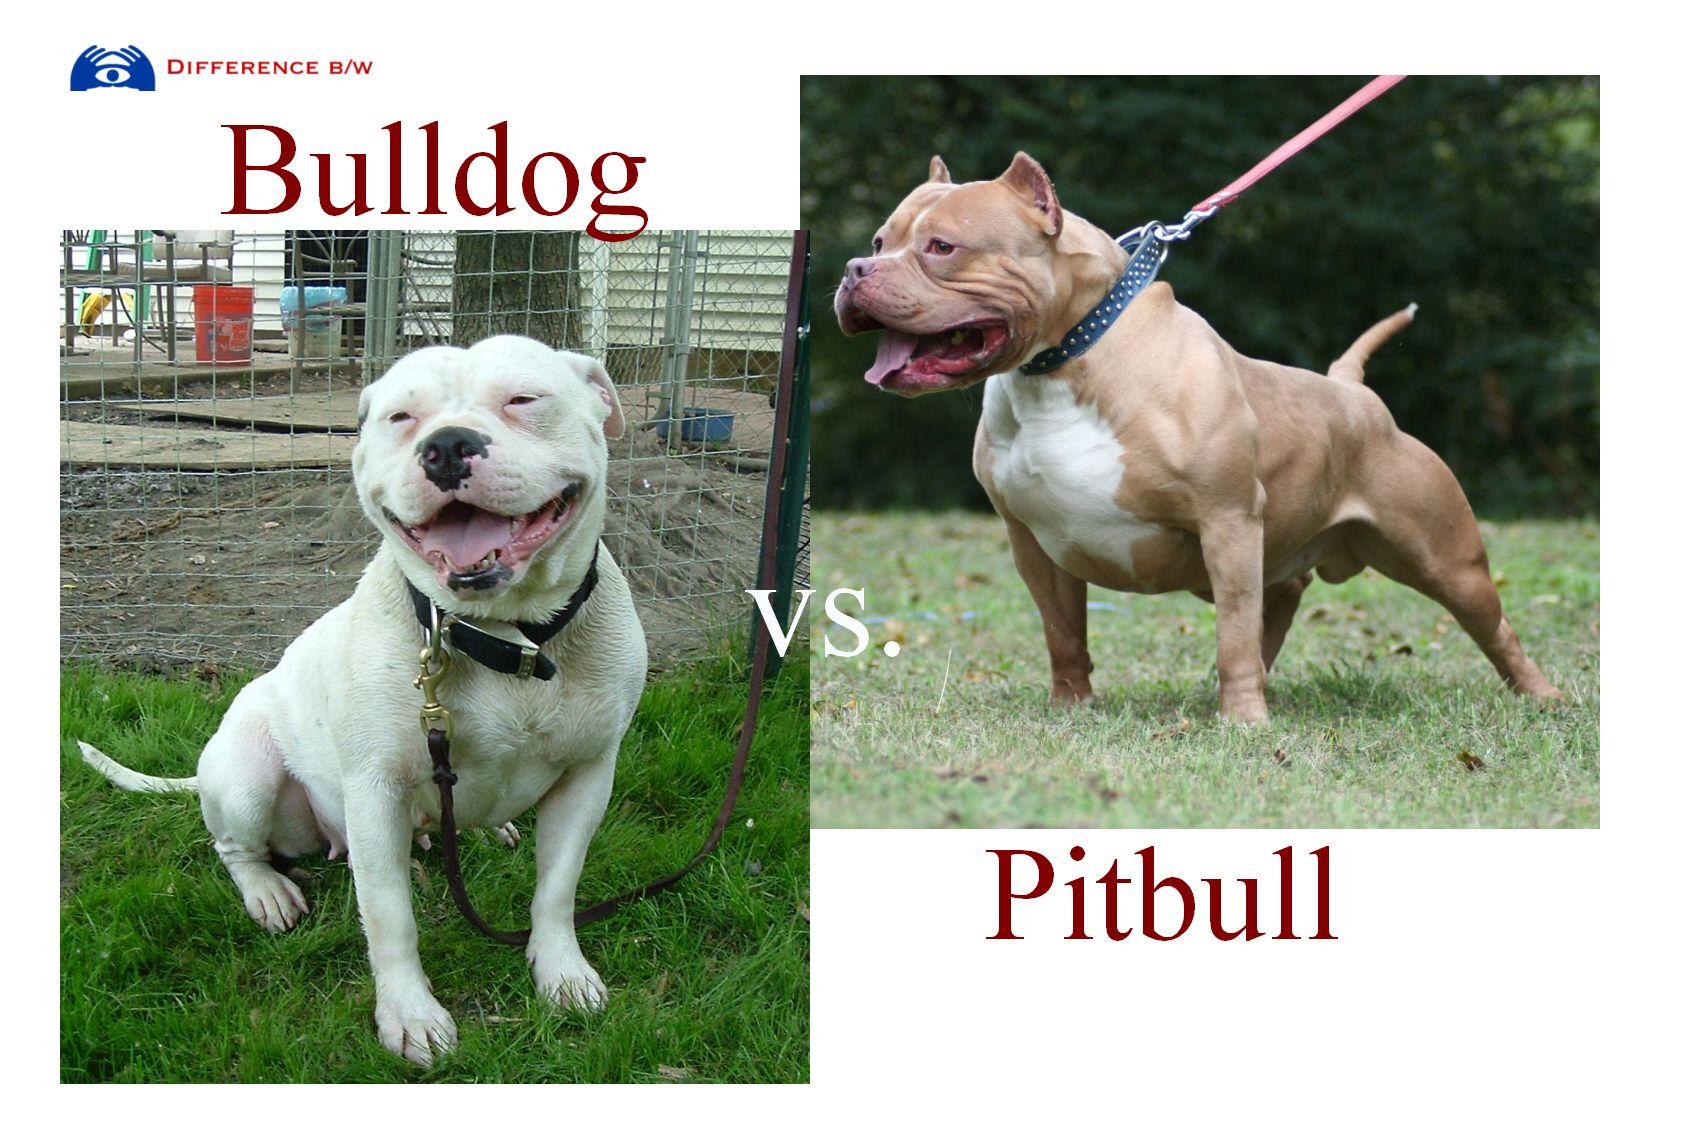 american bulldog vs pitbull difference Google Search